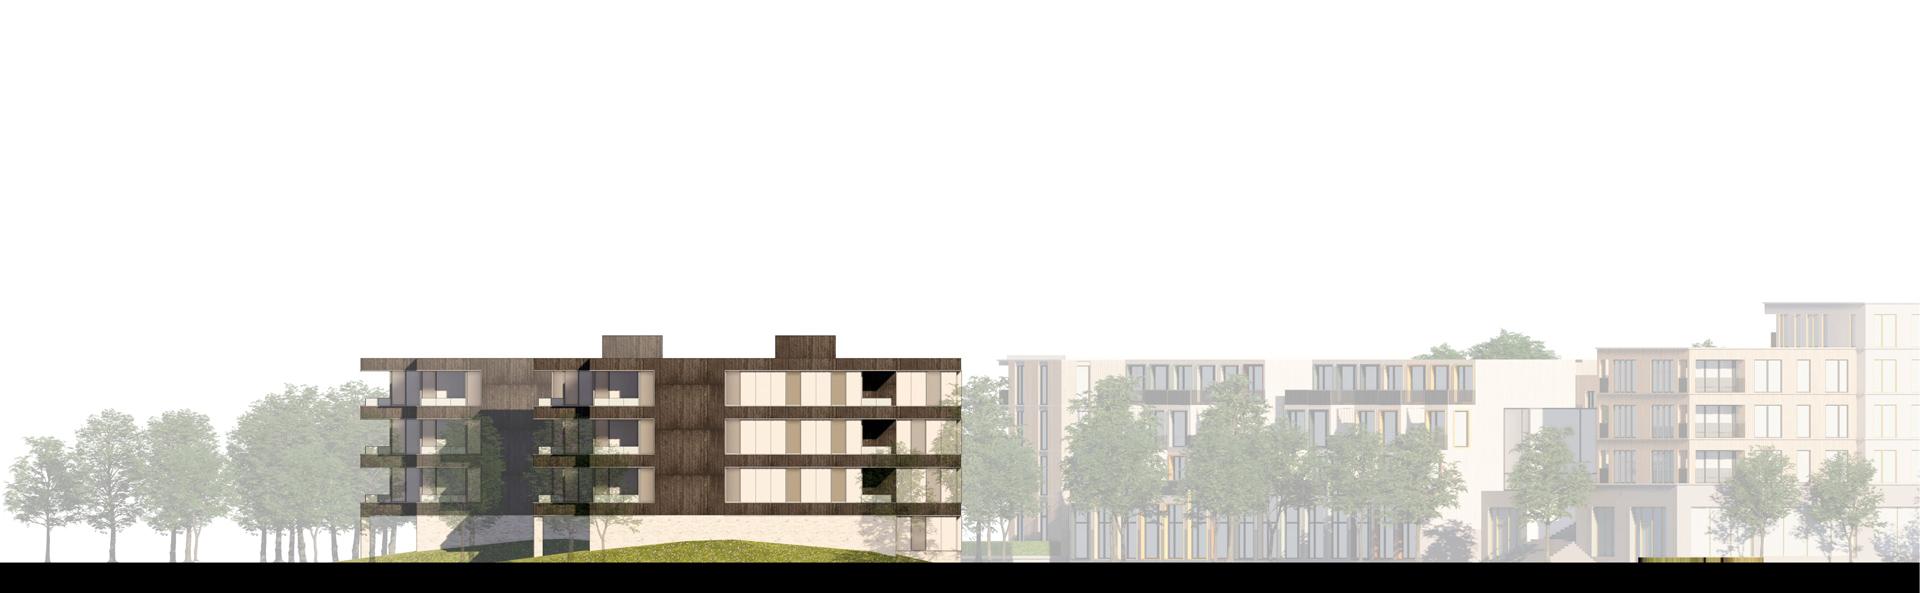 heart-ambacht-lagado-architects-gevel1-E1